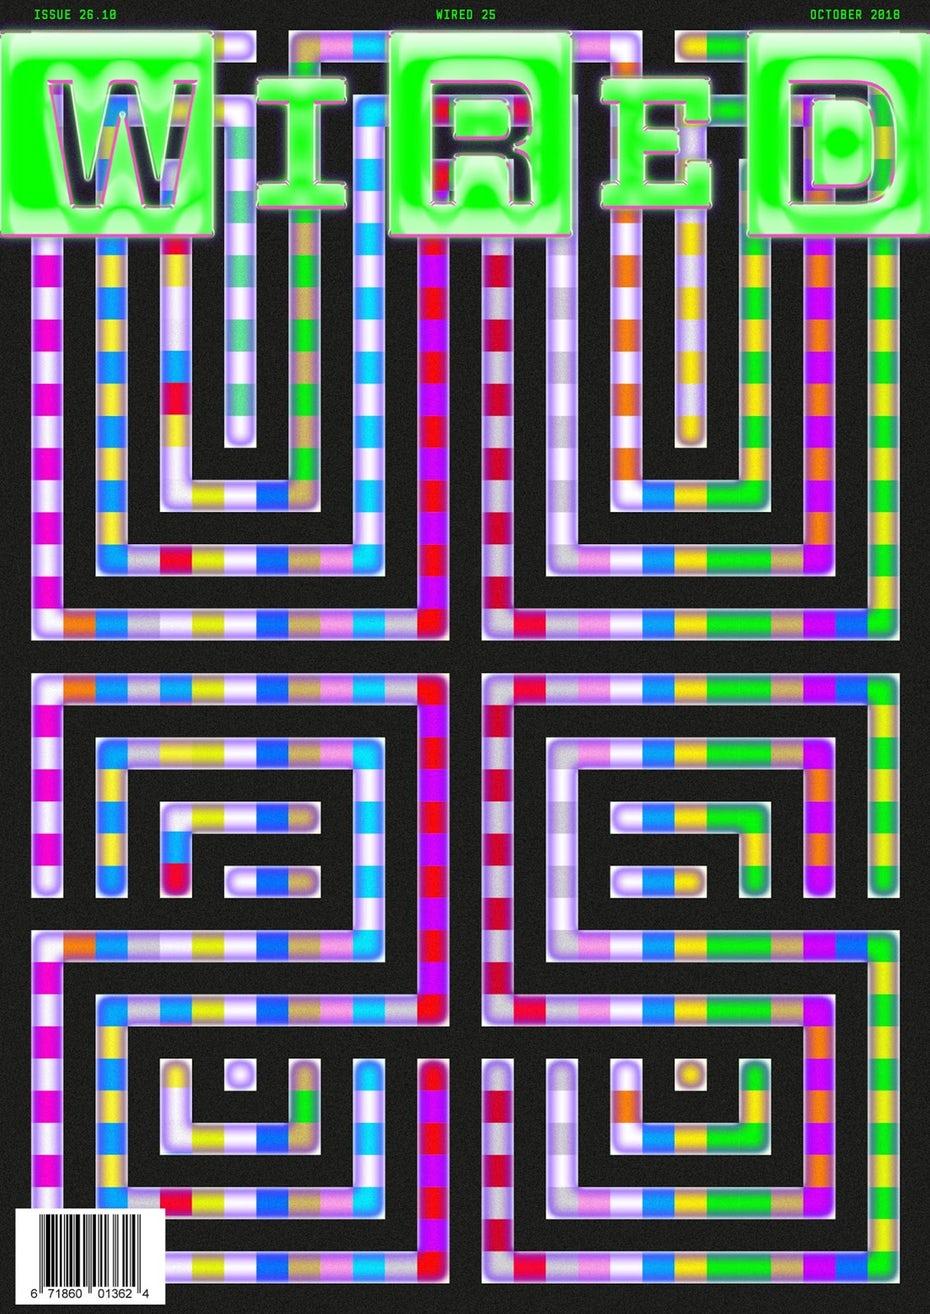 """Обложка проводного журнала """"width ="""" 1132 """"height ="""" 1600 """"/>    <figcaption> Обложка проводного журнала от Hui Yeon Hwang через https://huiyeonh.com/</figcaption></figure> <h3><span id="""